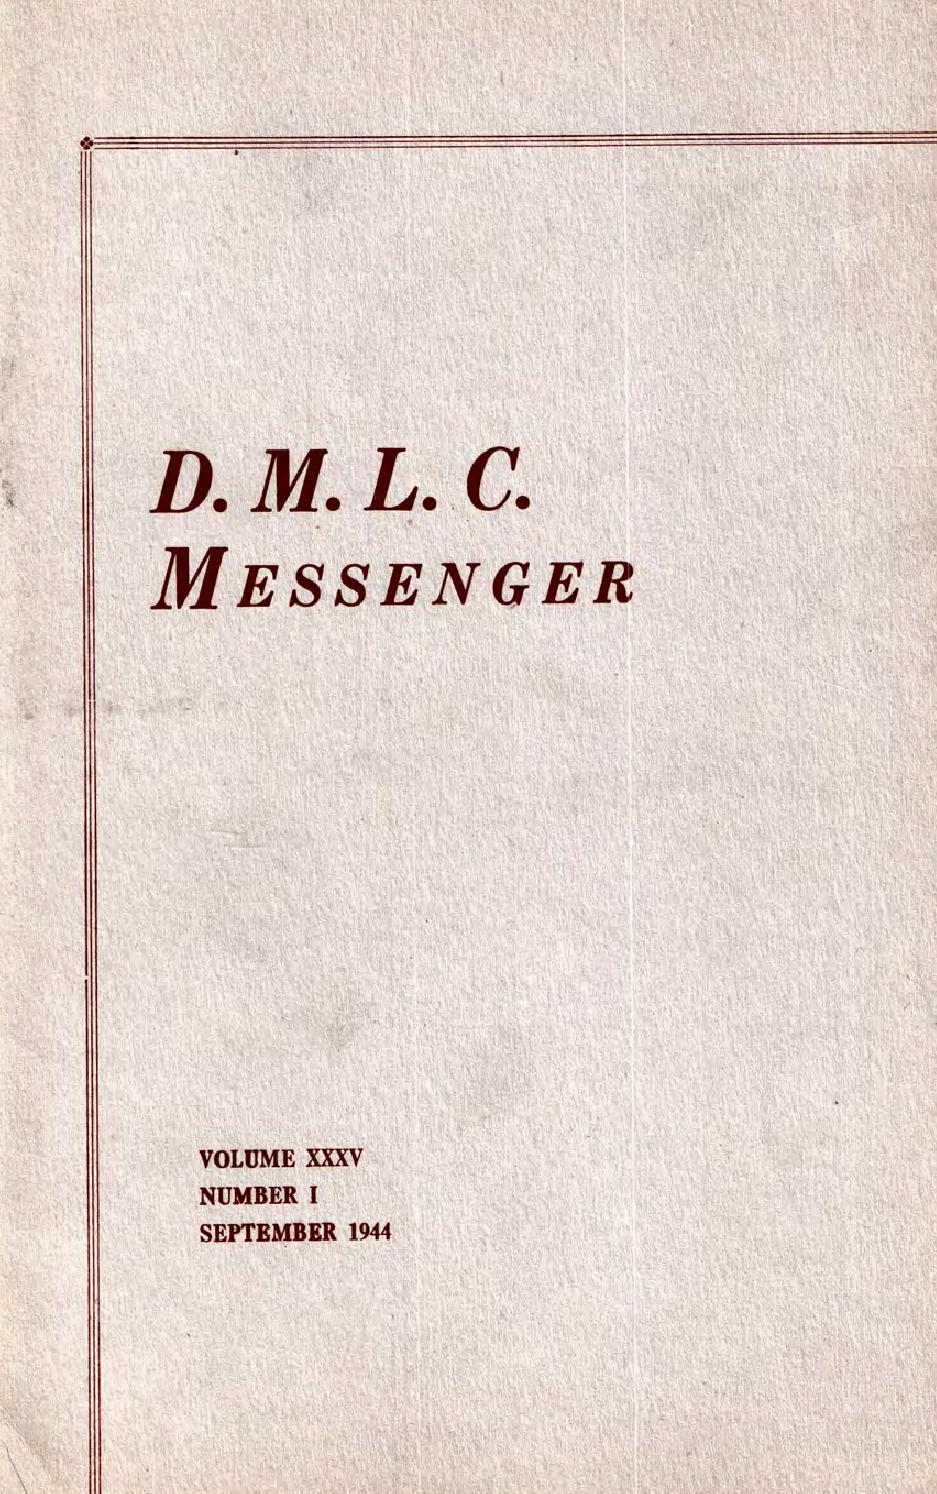 1944 1945 Dmlc Messenger Vol 35 By Martin Luther College Issuu Guten Inc Dyer Green White Shirt